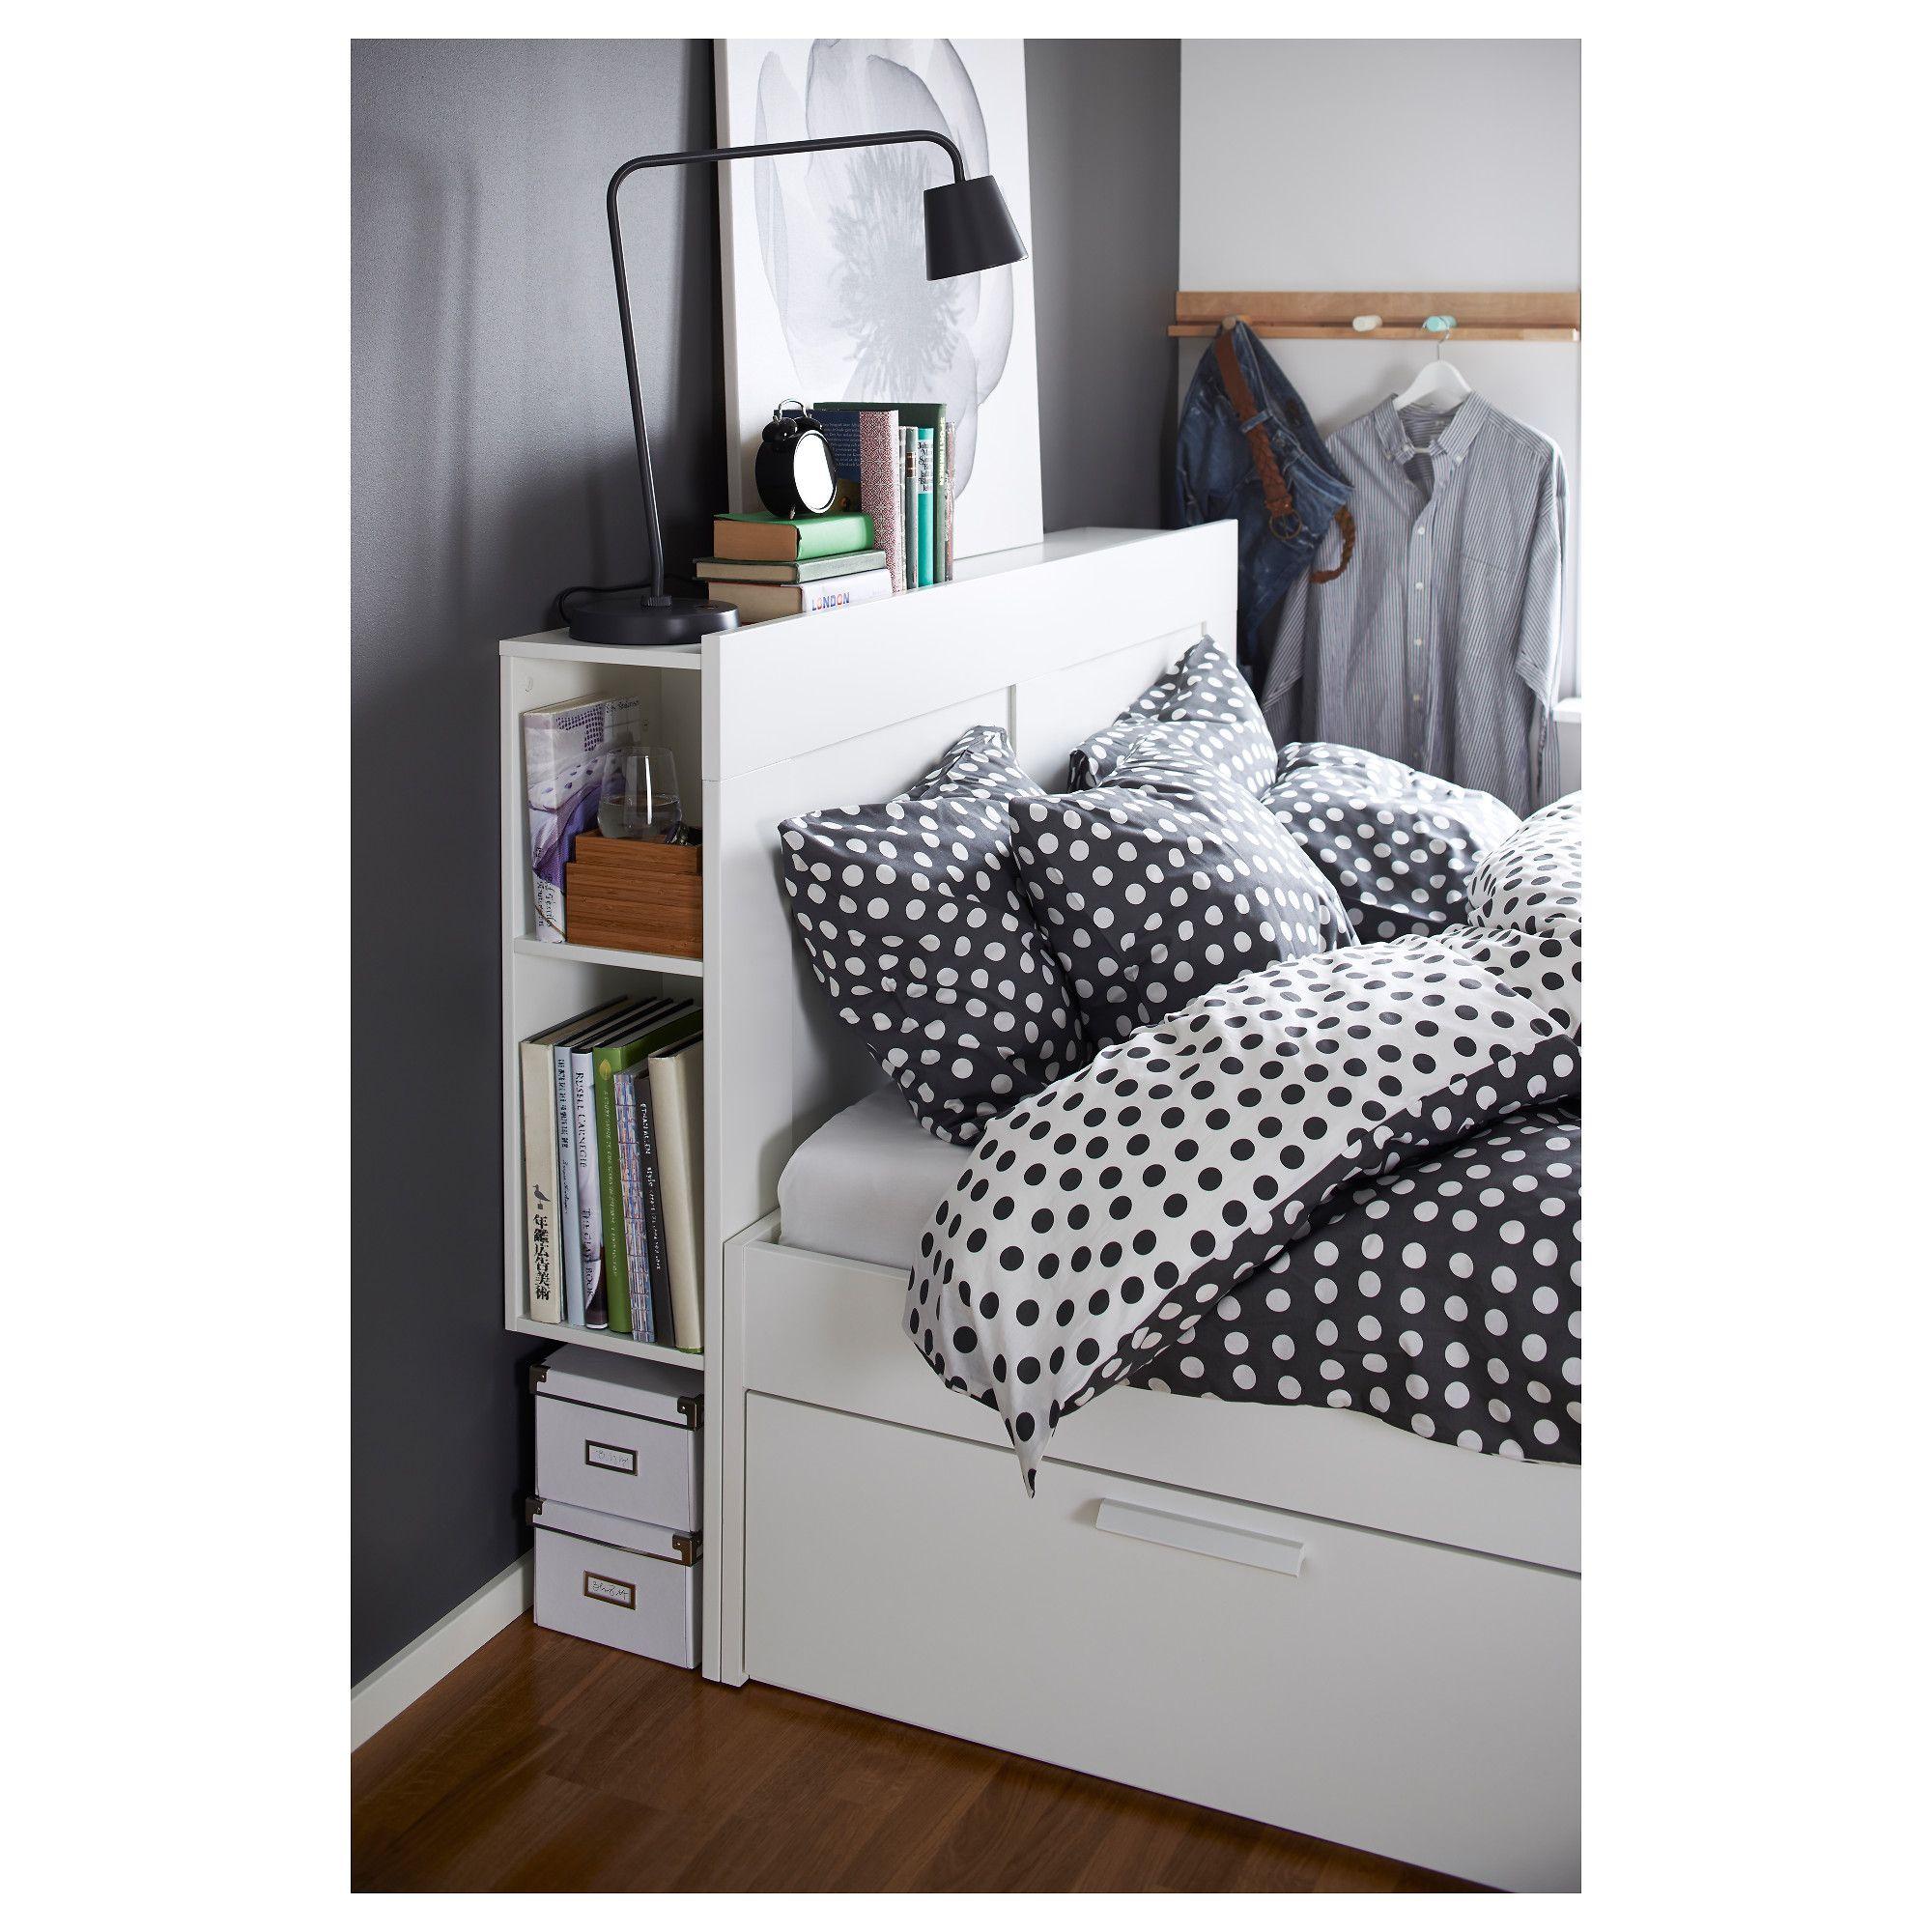 Best Ikea Brimnes Bed Frame With Storage Headboard White 400 x 300